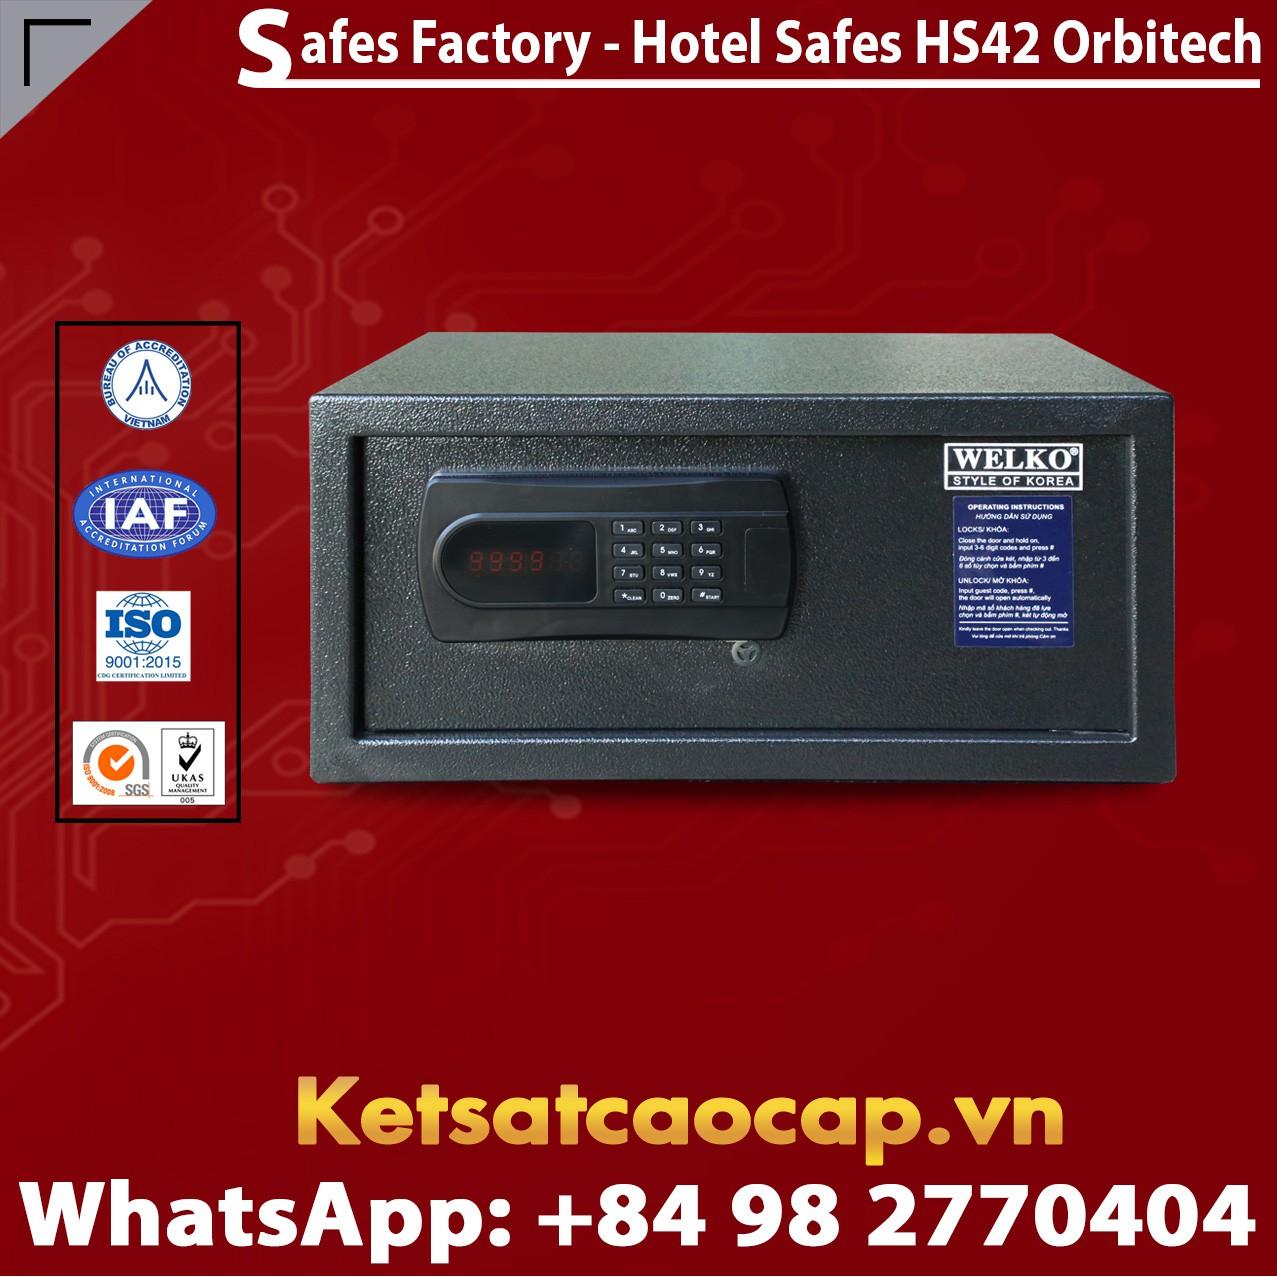 Két Sắt Khách Sạn Hotel Safes WELKO HS42 Orbitech